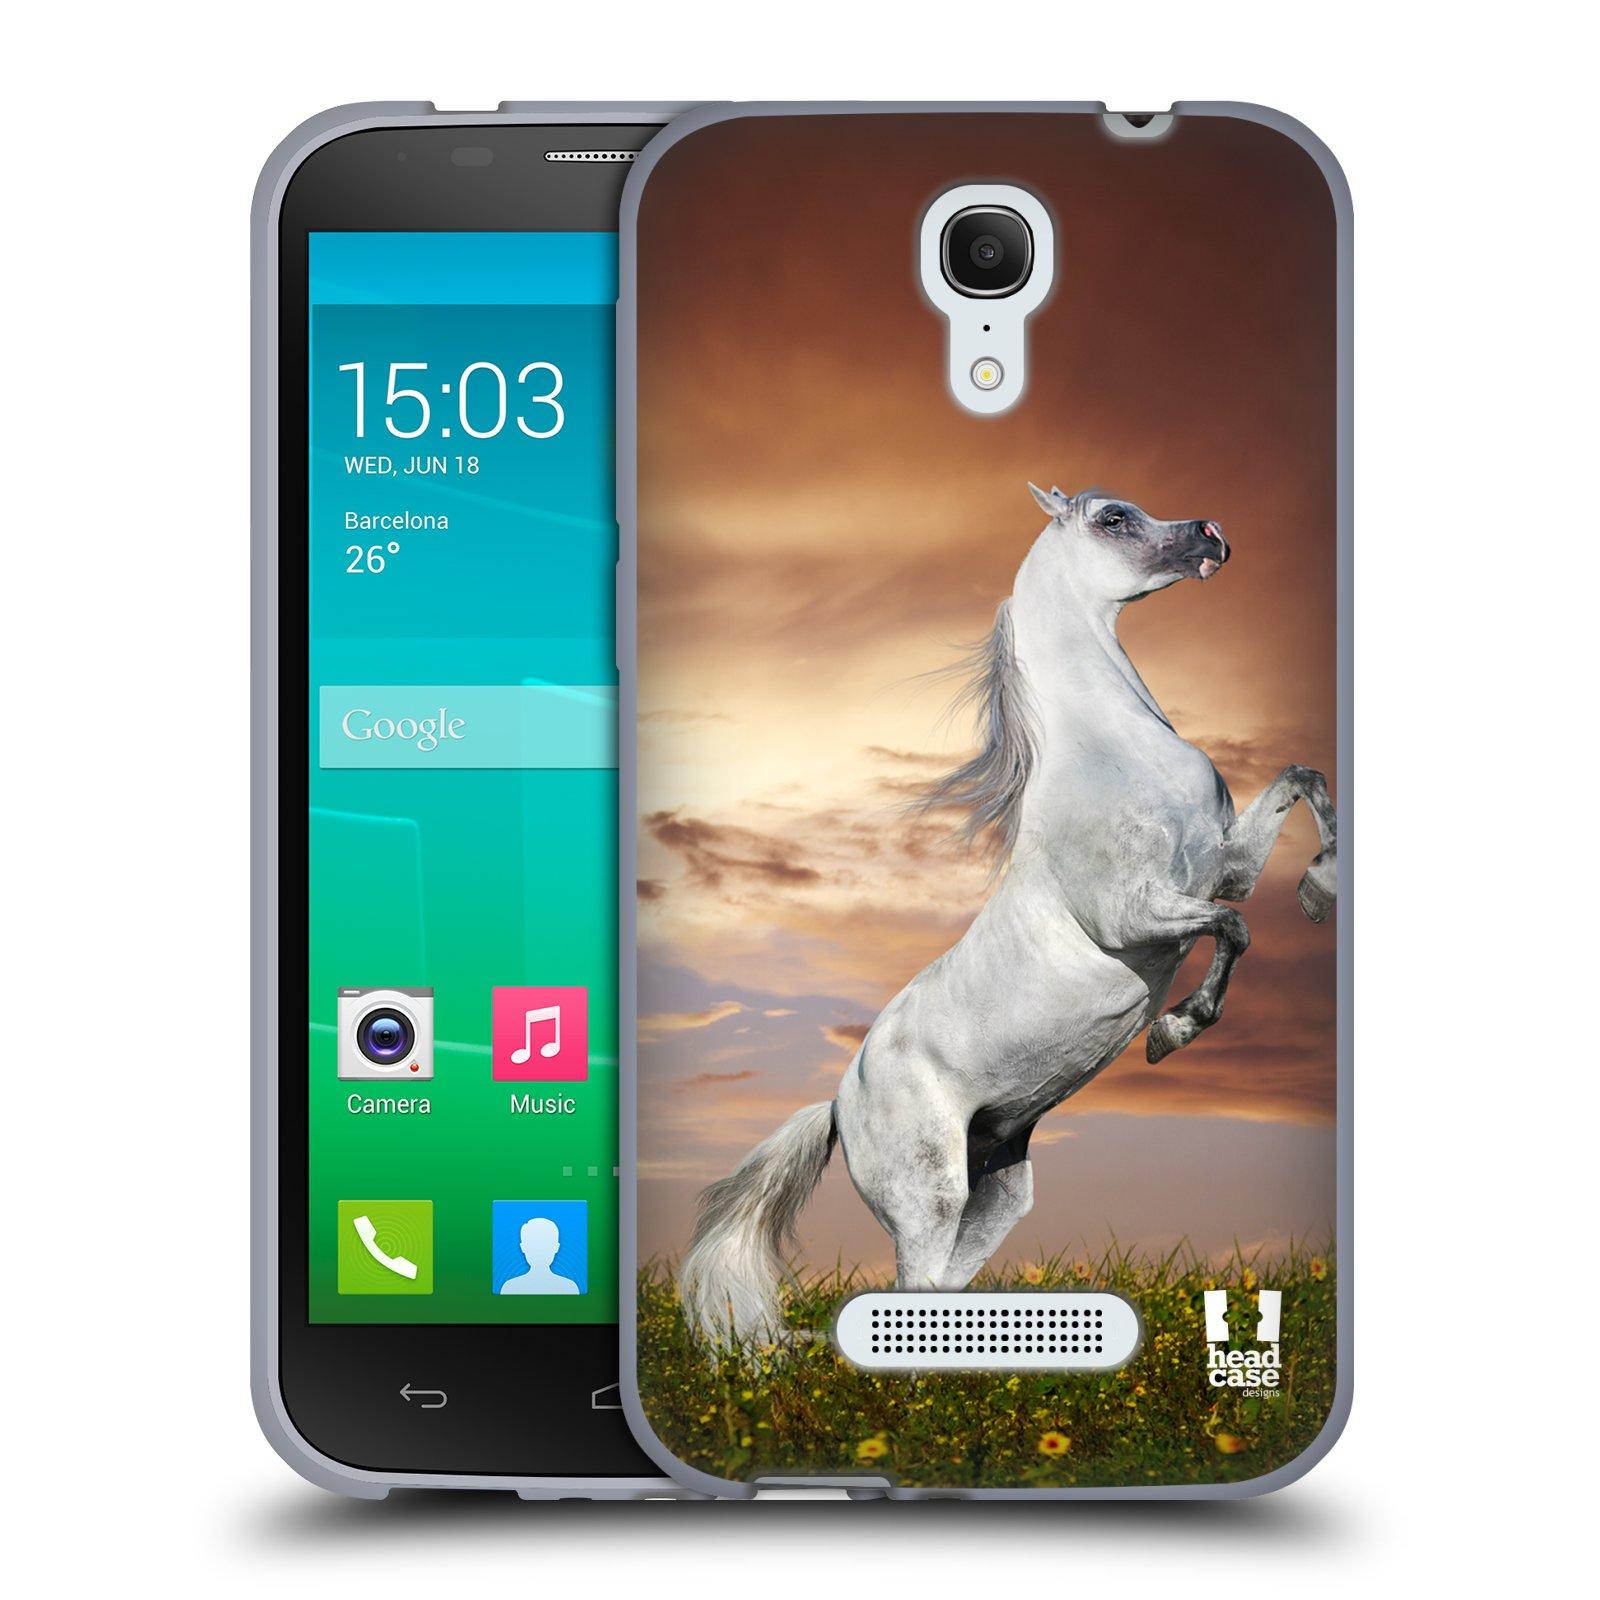 HEAD CASE silikonový obal na mobil Alcatel POP S7 vzor Divočina, Divoký život a zvířata foto DIVOKÝ KŮŇ MUSTANG BÍLÁ